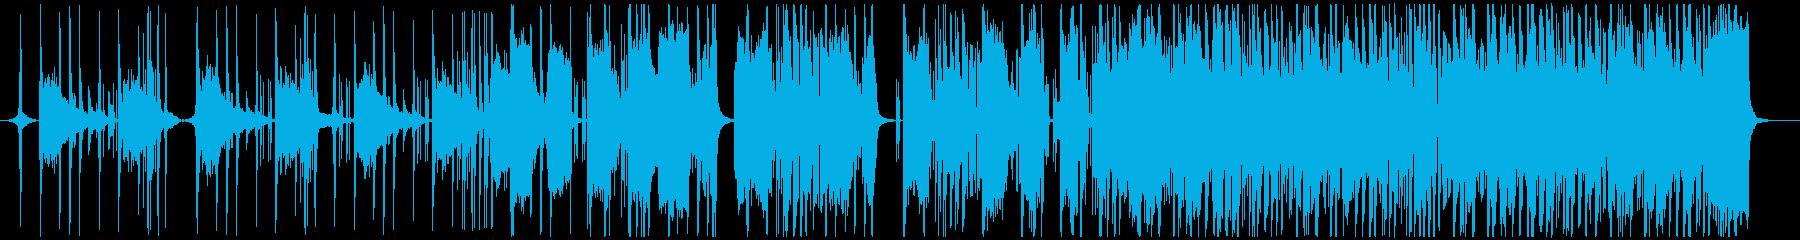 アコギが印象的な落ち着いた雰囲気のR&Bの再生済みの波形